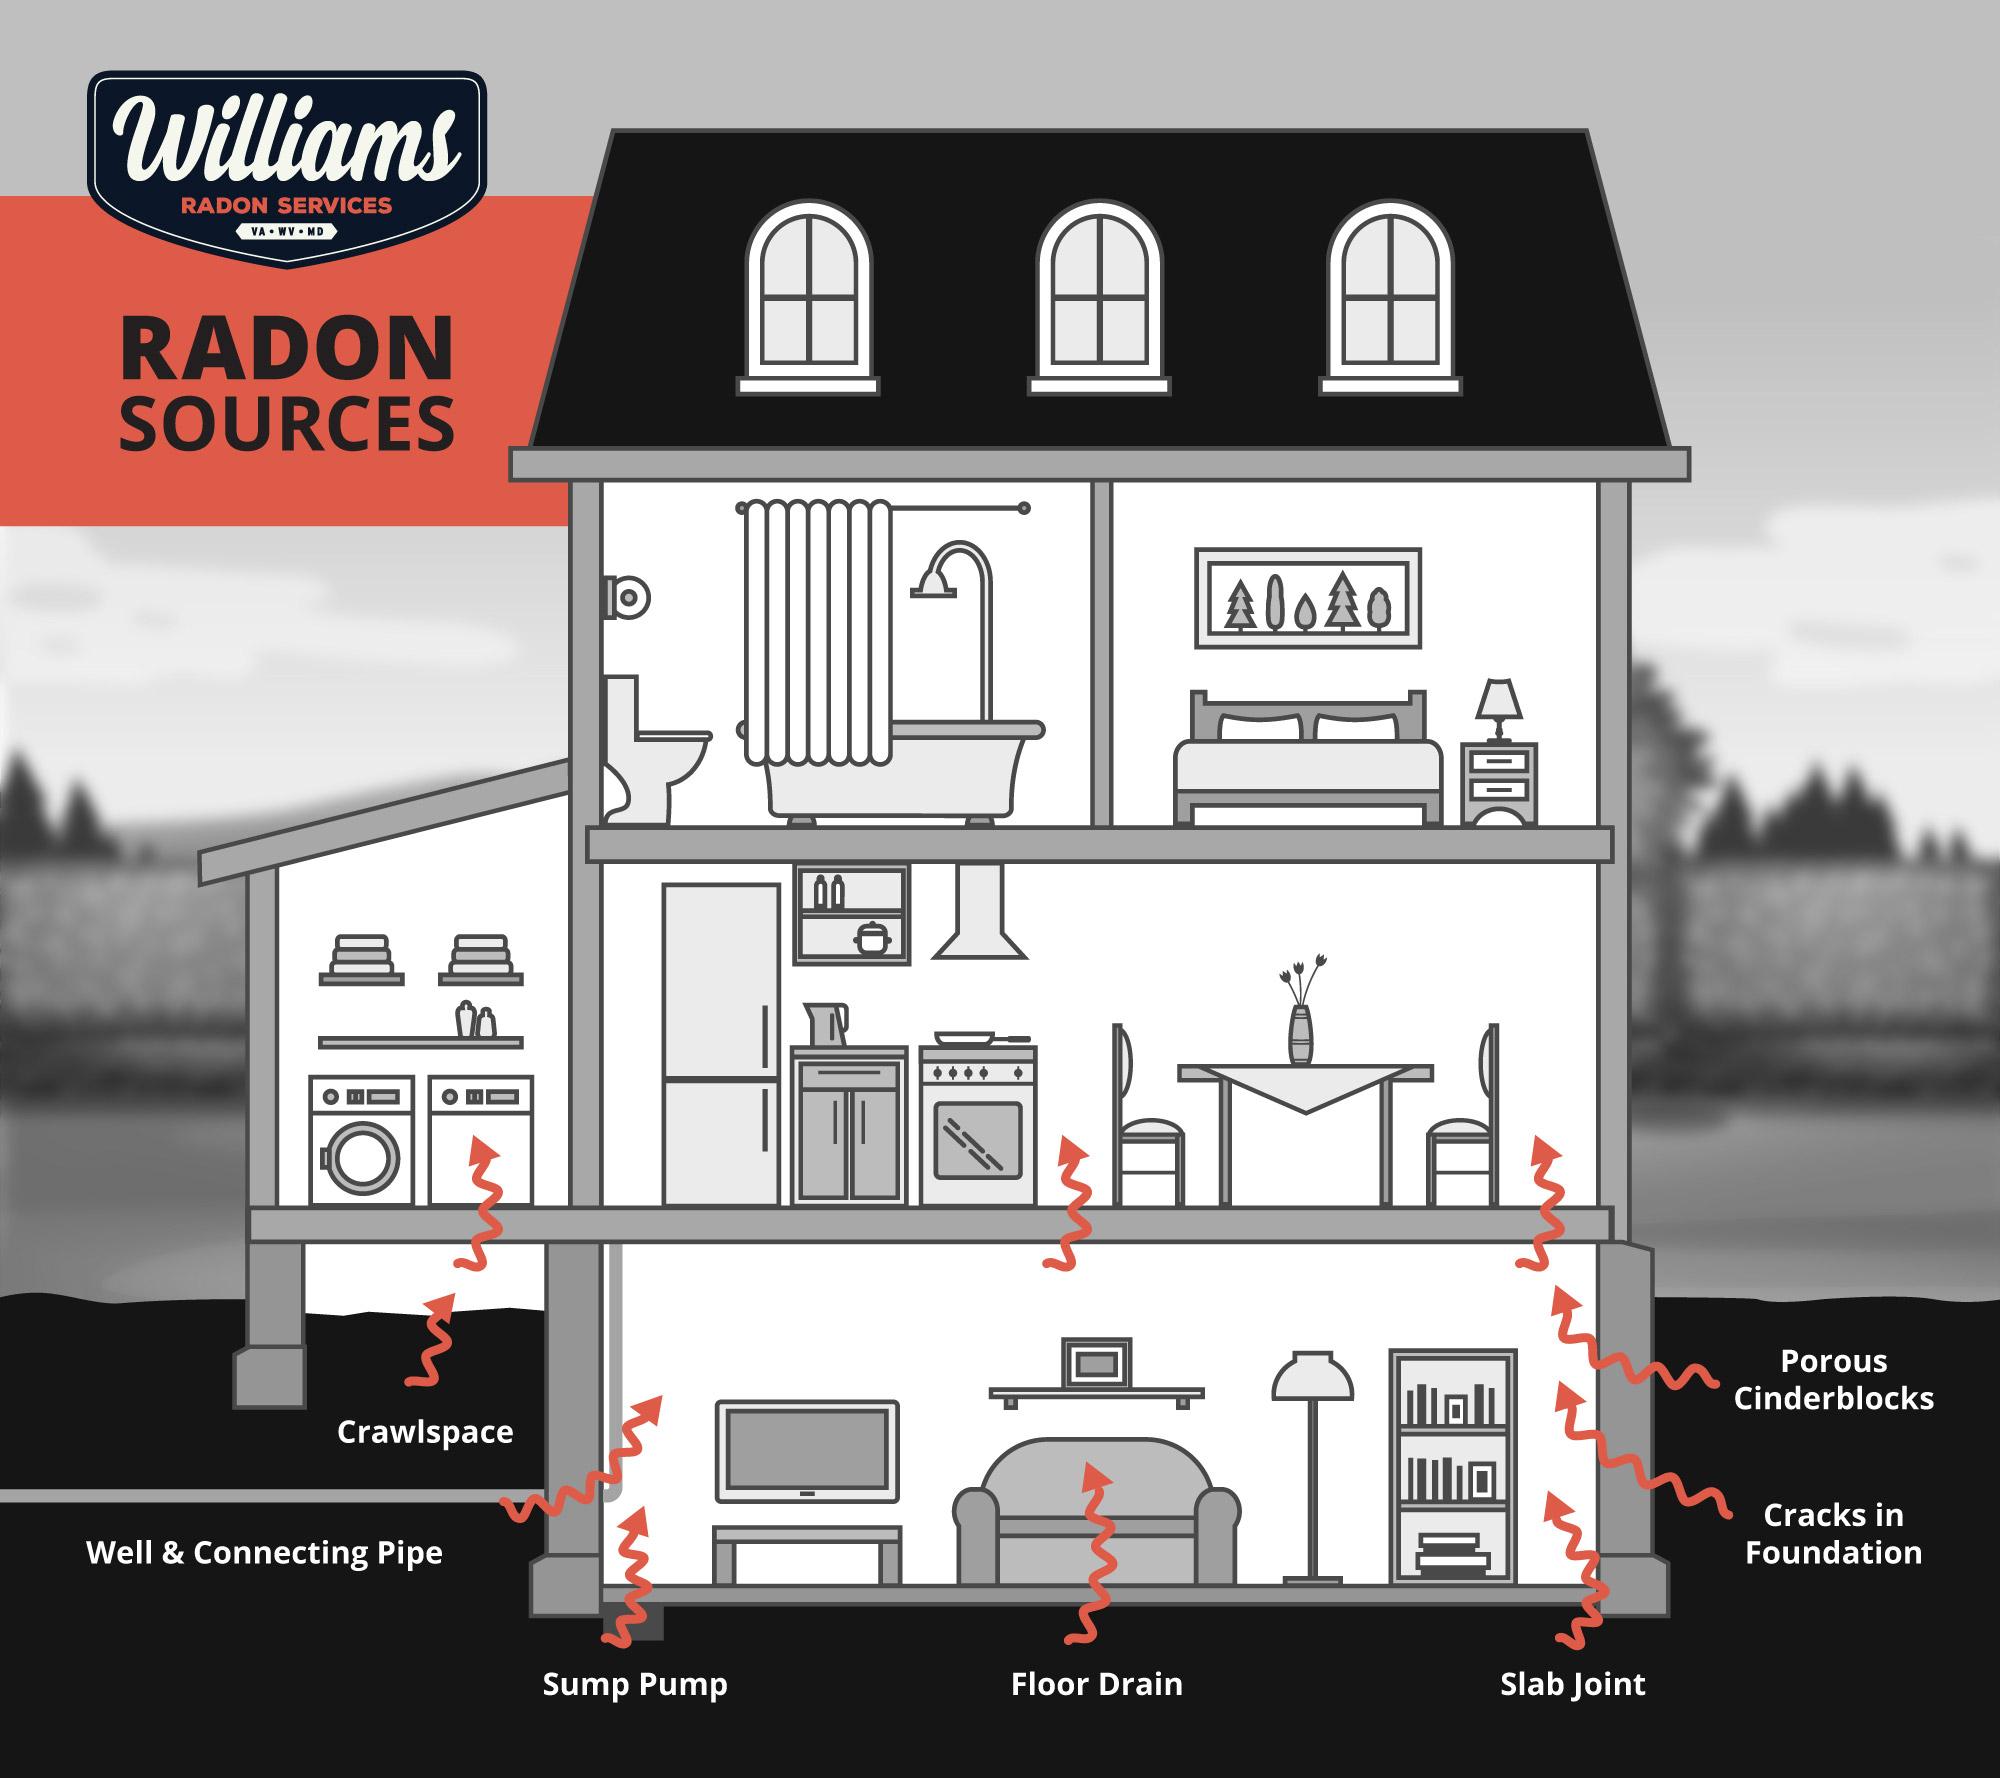 Radon sources / radon entry points